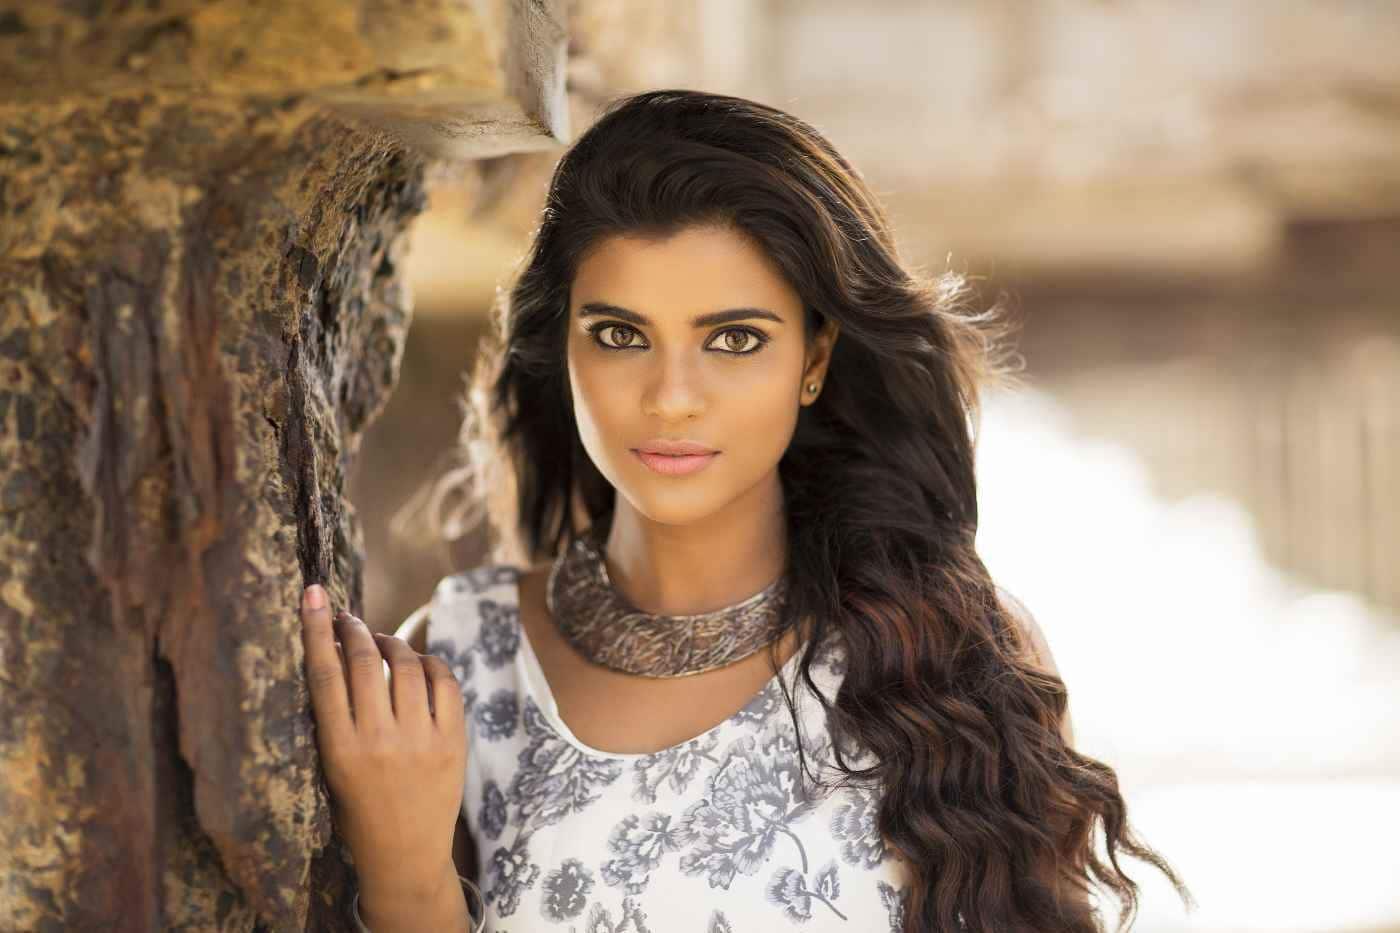 Aishwarya Feels She's Growing As An Actress